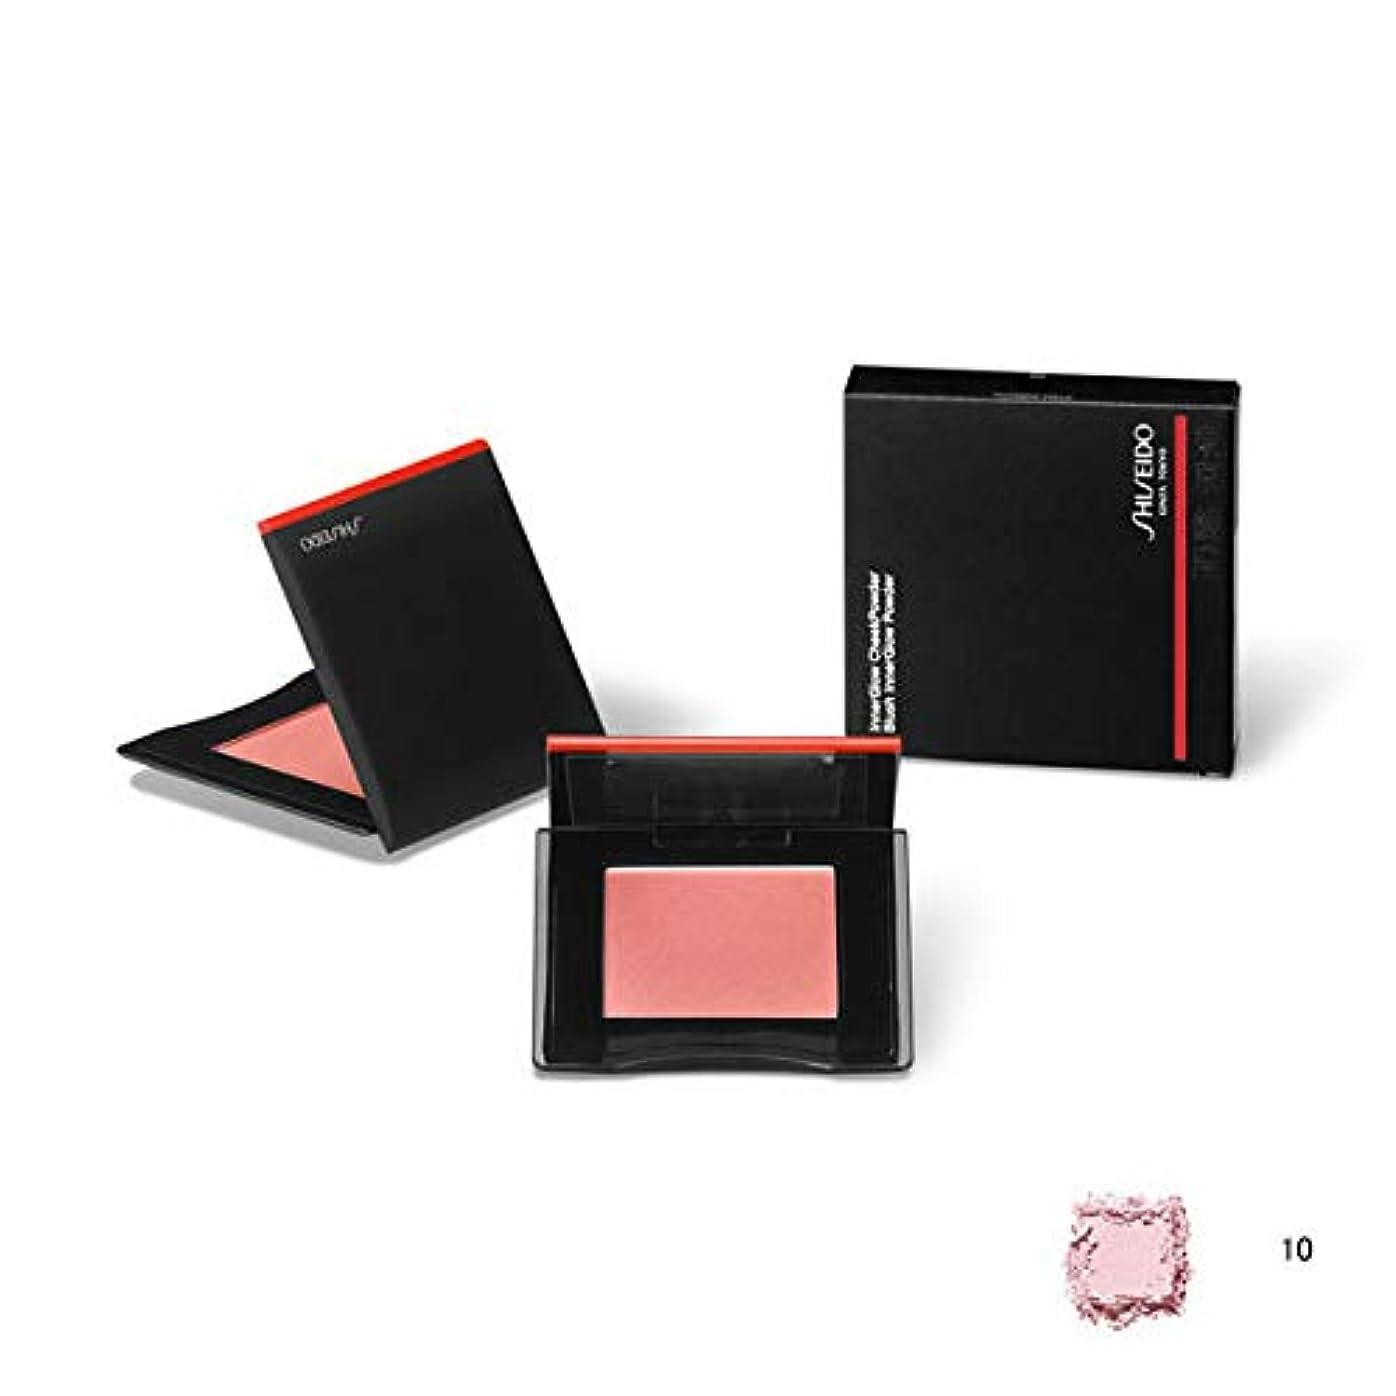 バーチャル慣習カーペットSHISEIDO Makeup(資生堂 メーキャップ) SHISEIDO(資生堂) SHISEIDO インナーグロウ チークパウダー 4g (10)